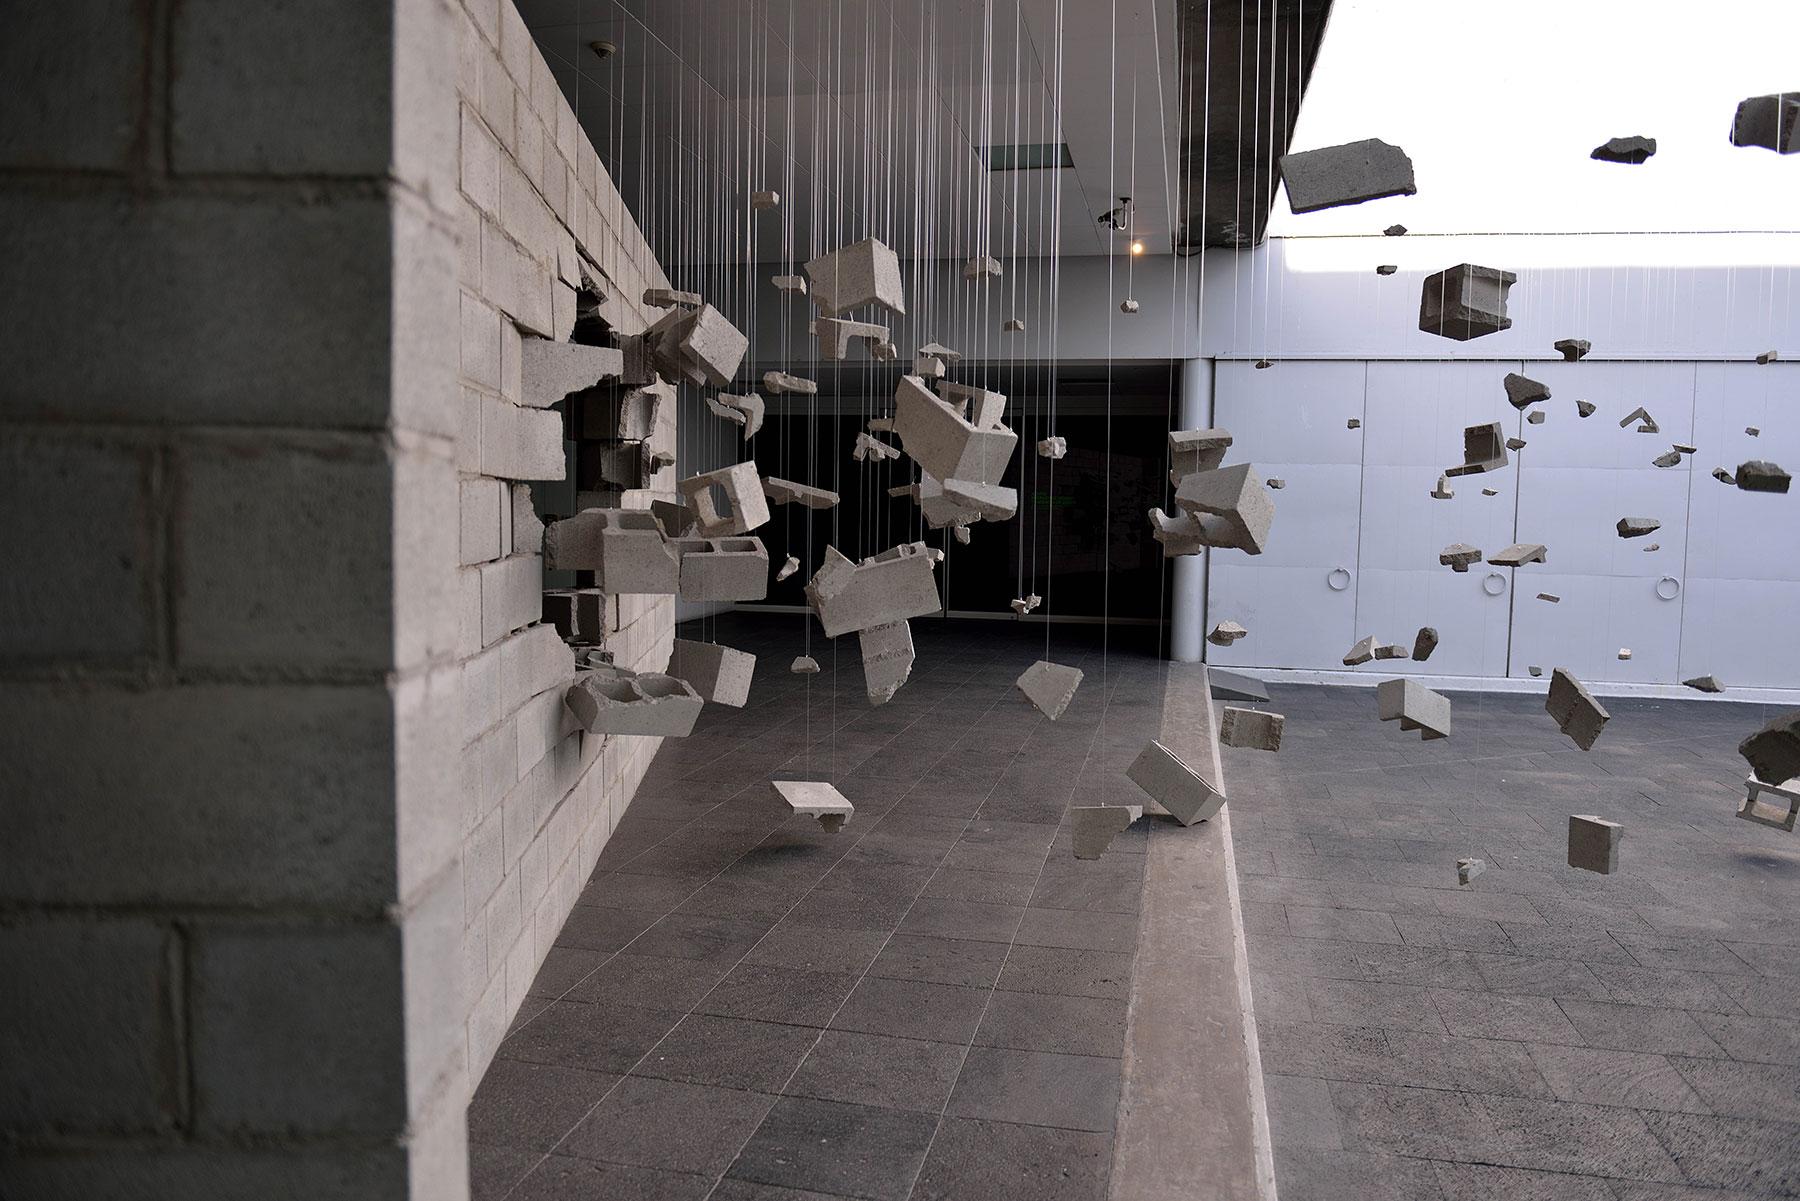 los-carpinteros-obras-arte-cuba-17